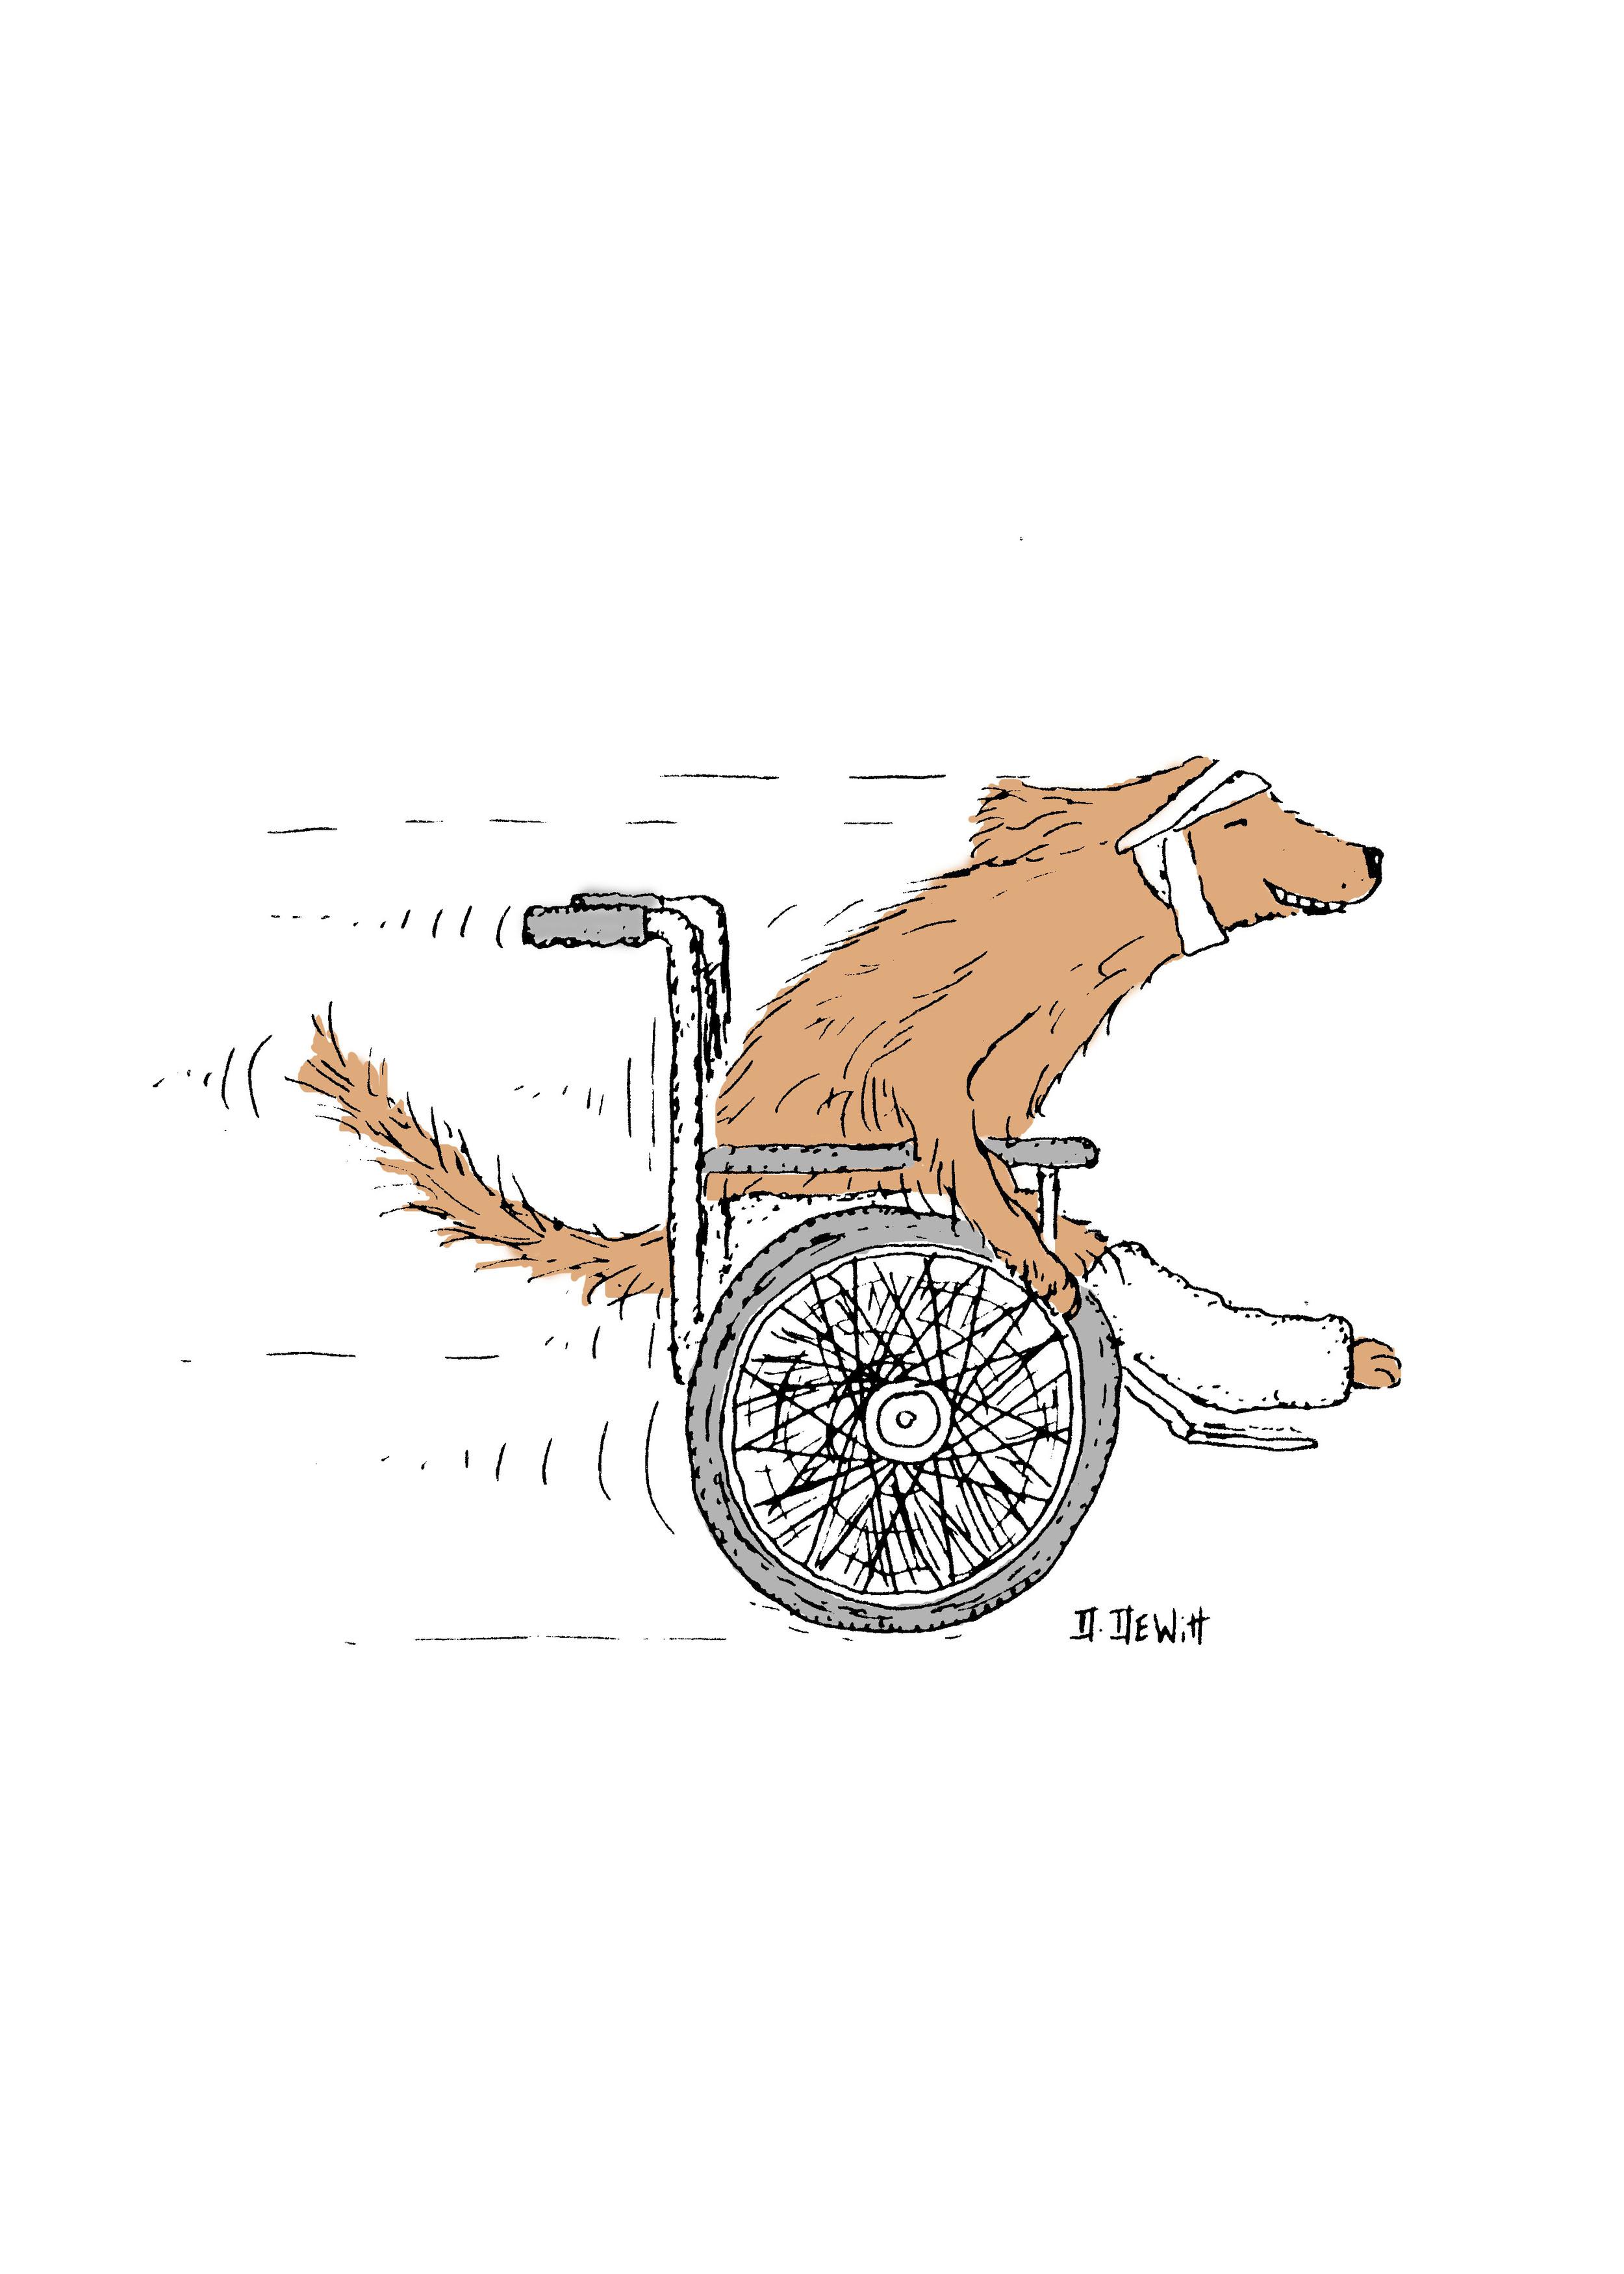 Cat & Dog in wheelchair by David DeWitt